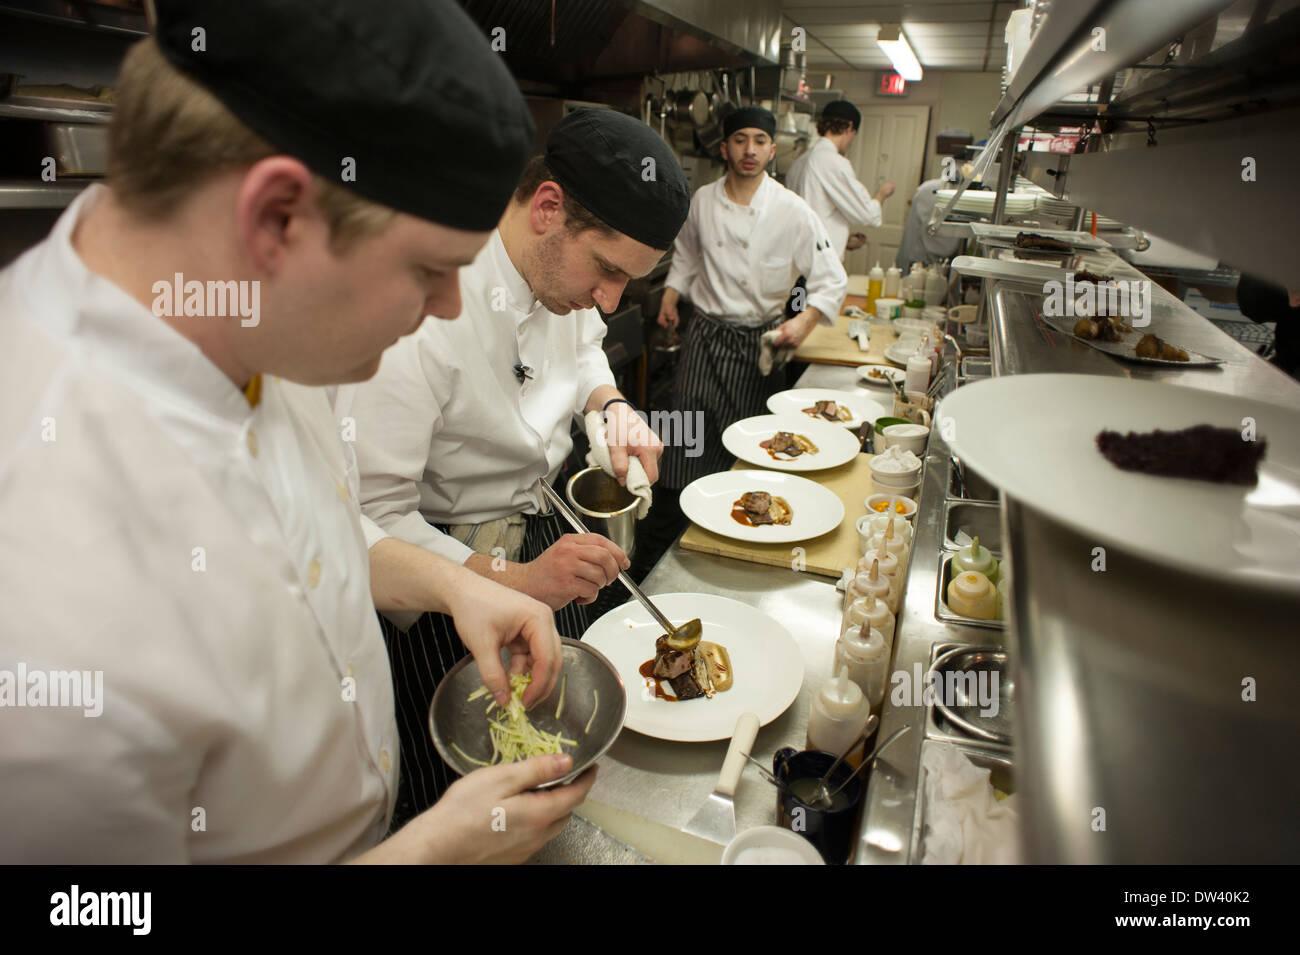 Restaurant Kitchen Chefs chefs working in busy kitchen at sanford's restaurant in milwaukee